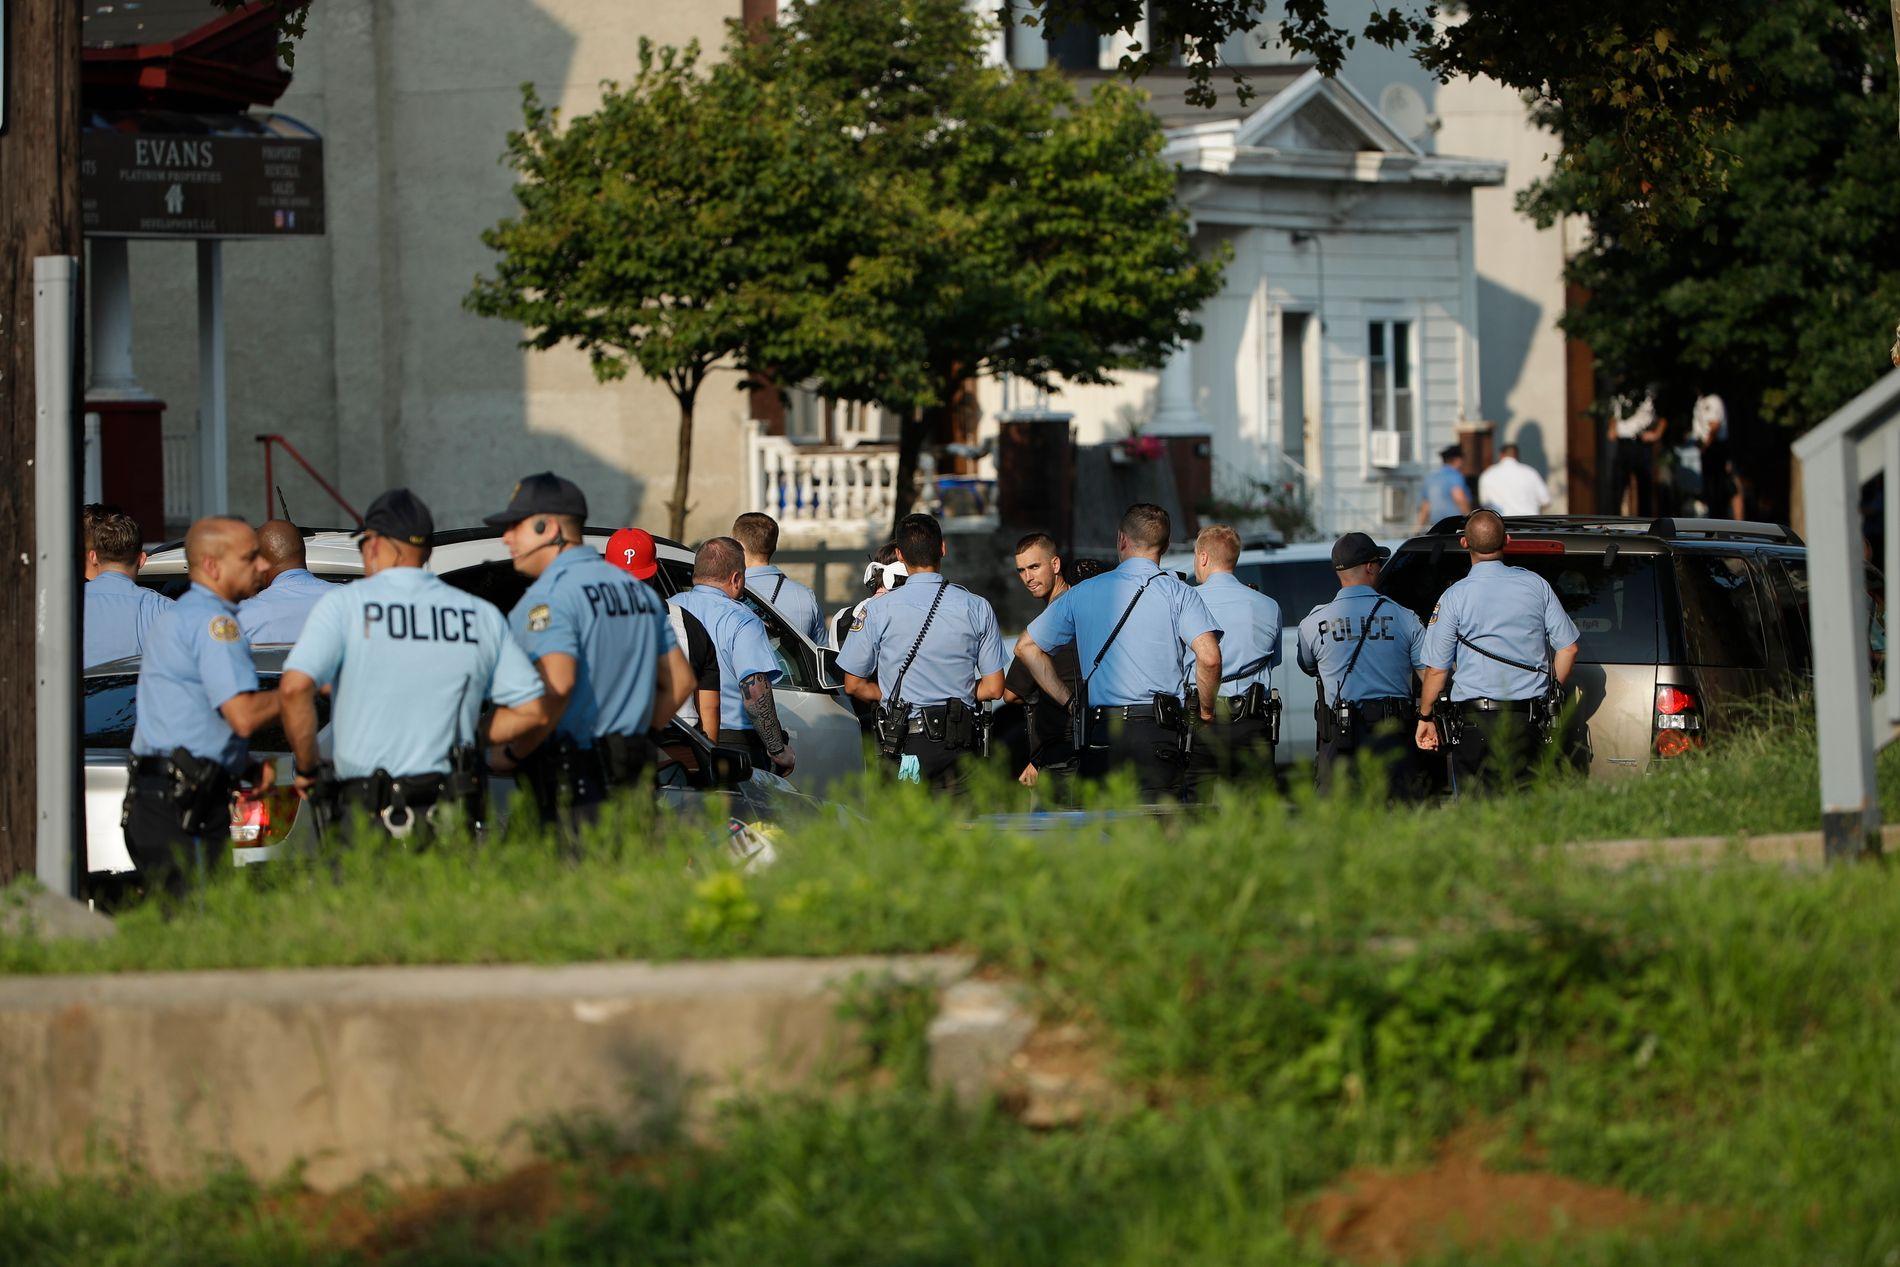 Politiet rykket ut i stort monn onsdag etter meldingen om at flere politifolk var skutt. Foto: Matt Rourke / AP / NTB scanpix